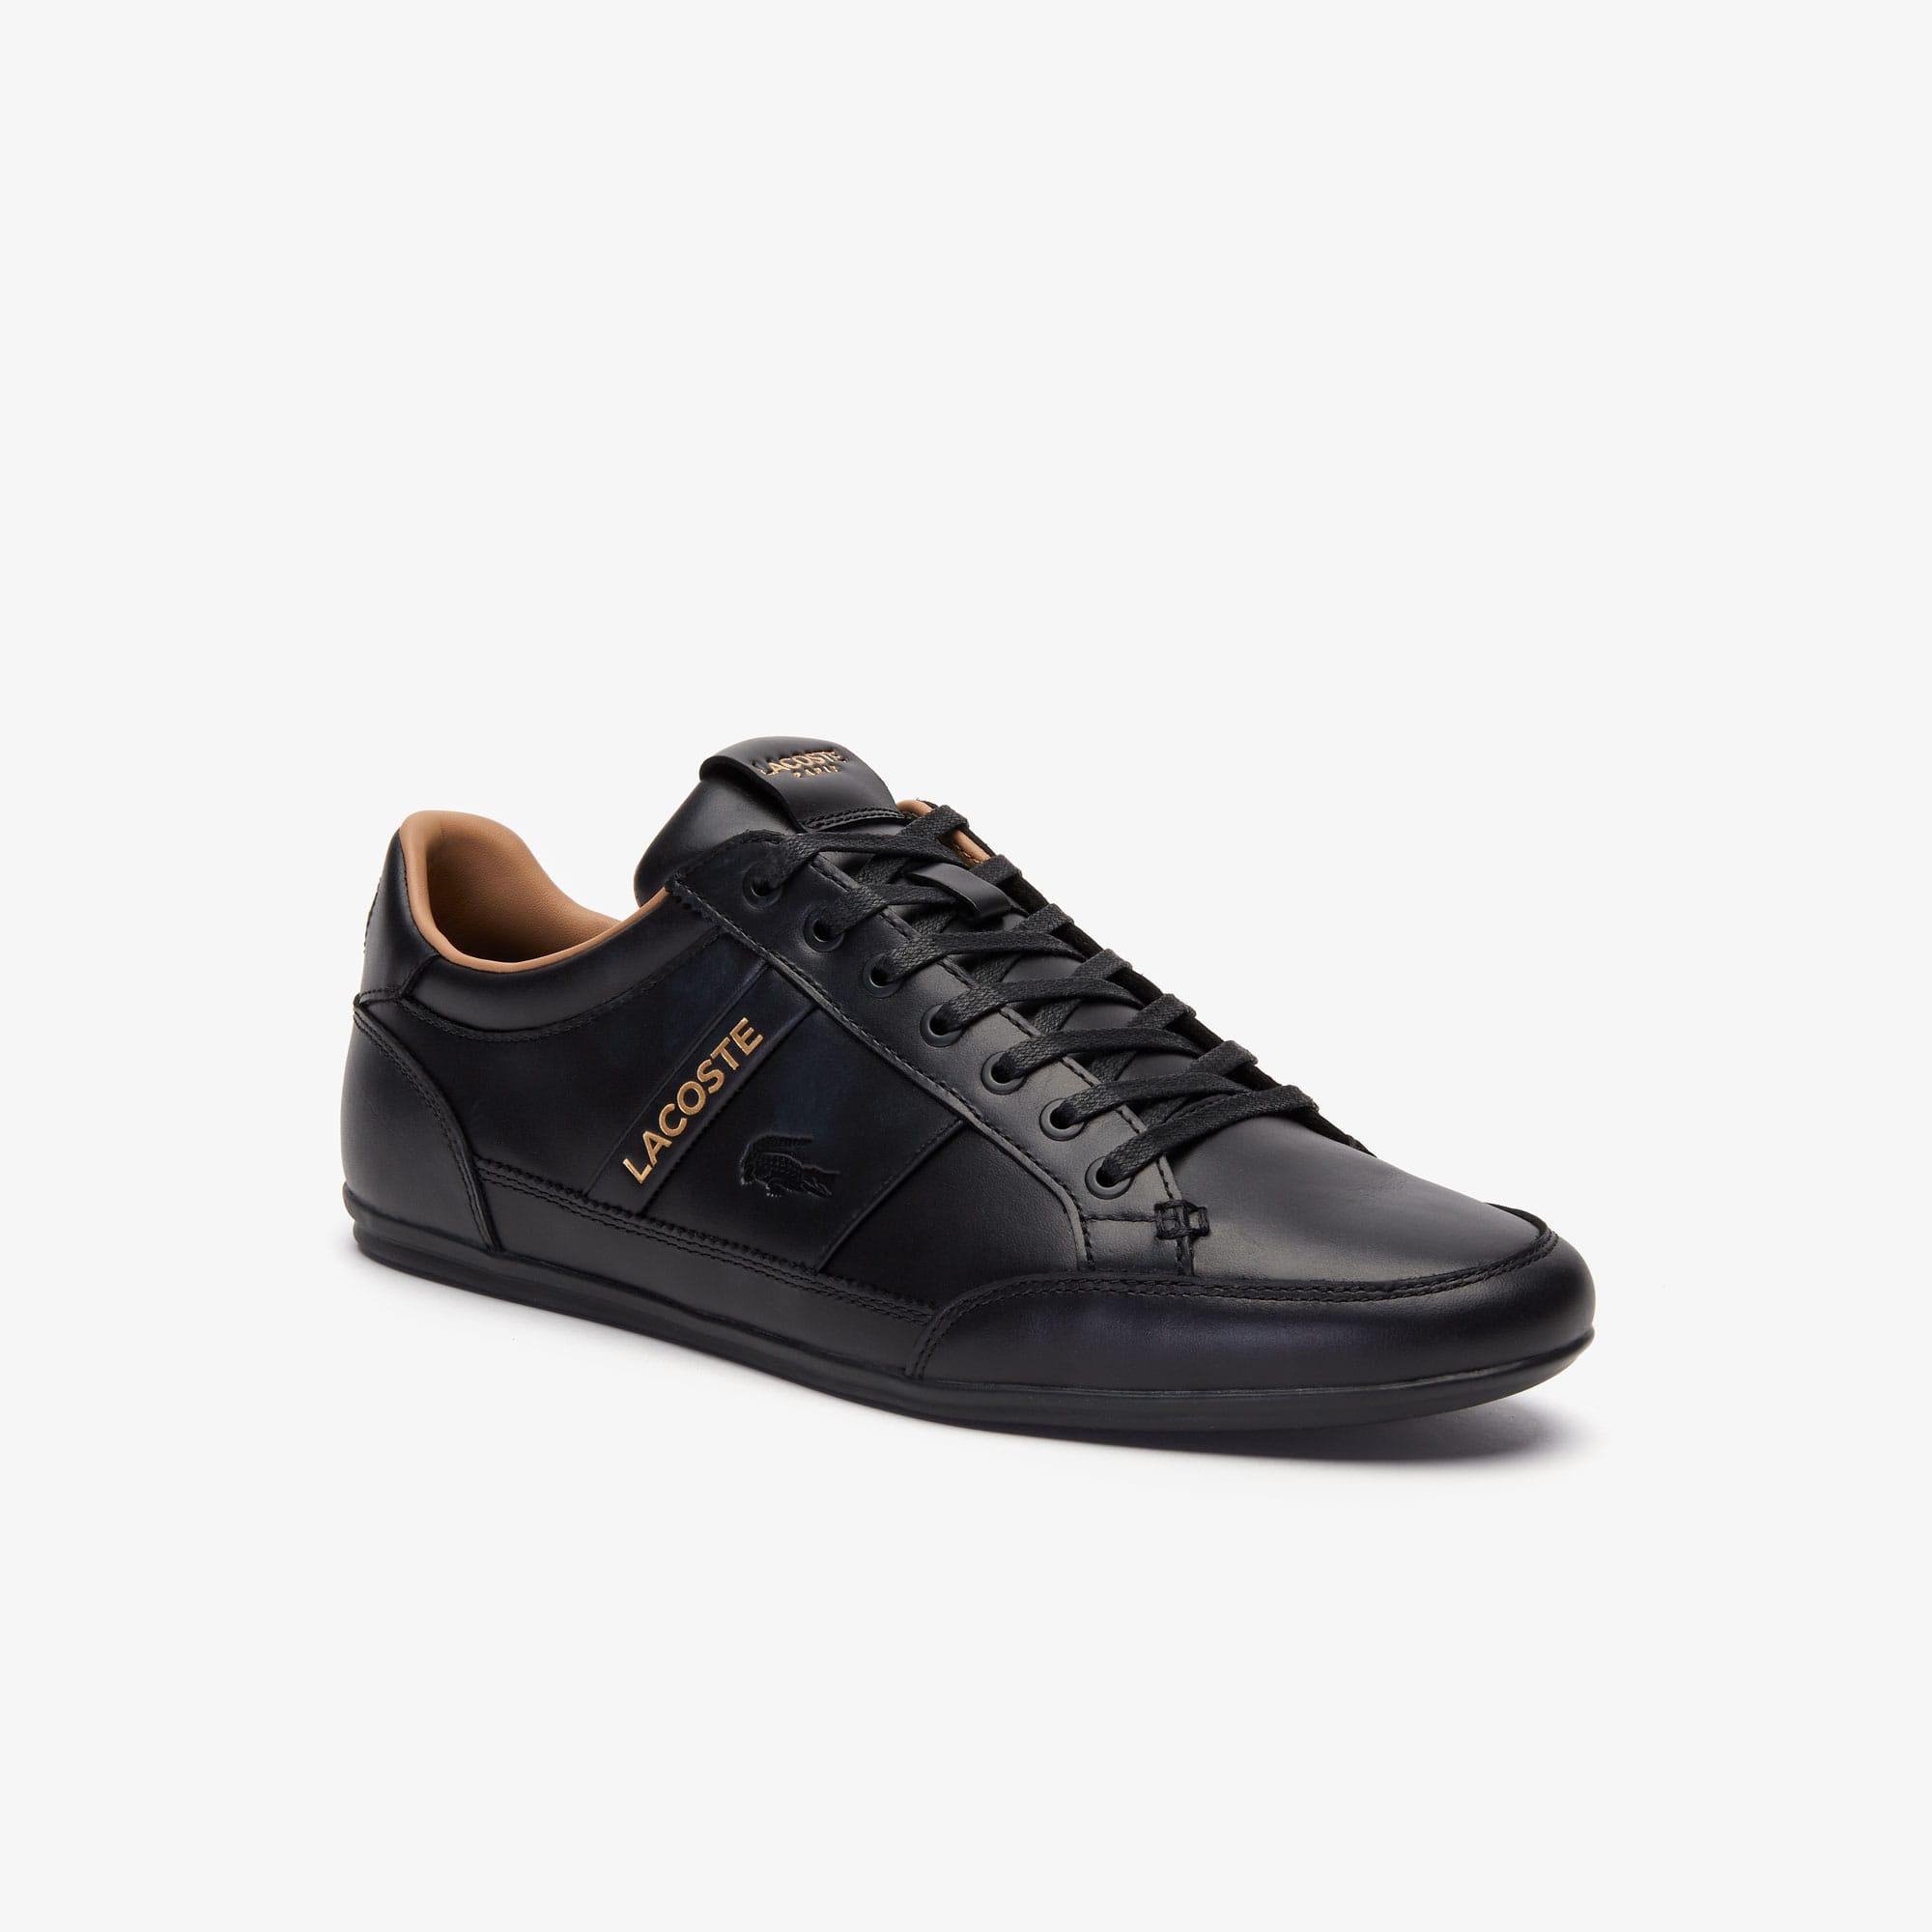 04b5a395d9324 Men's Shoes | Shoes for Men | LACOSTE